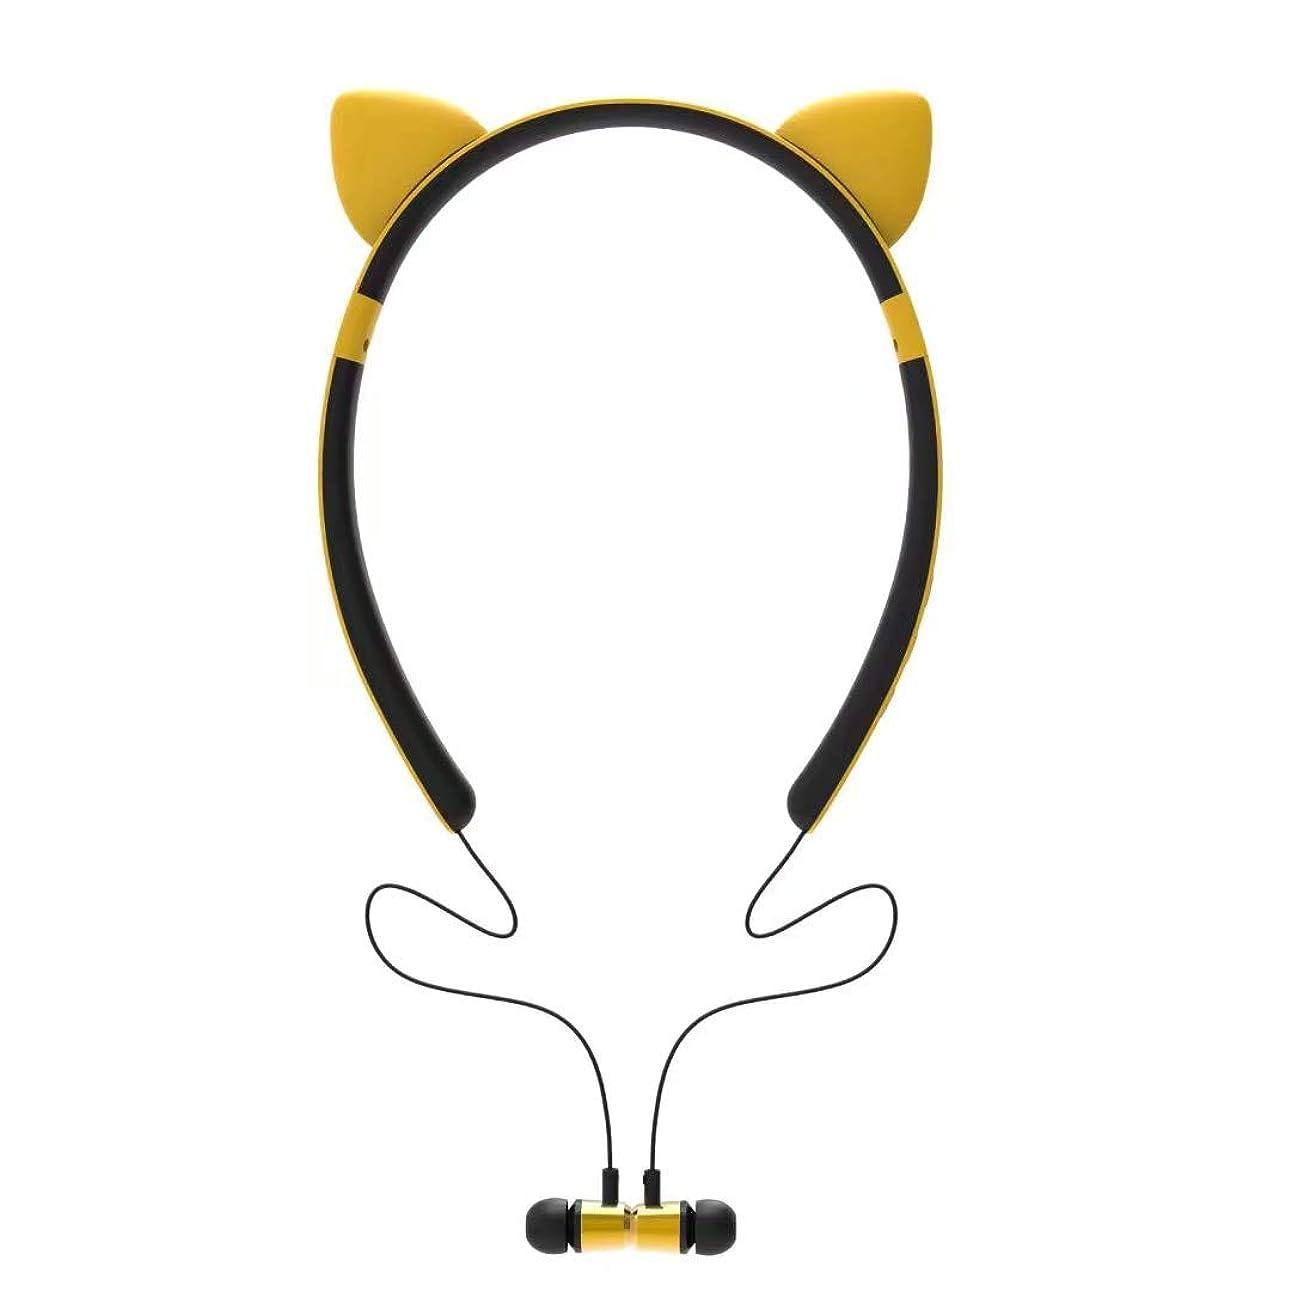 作成する意識湾JFTOWN ワイヤレス Bluetooth LED 猫耳ヘッドフォン 女の子用 Bluetooth ヘッドホン うさみみ ねこみみ かわいい 密閉型 ワイヤレス ヘッドフォン ライブ カラオケ コスプレ 対応 ギフトボックス付き